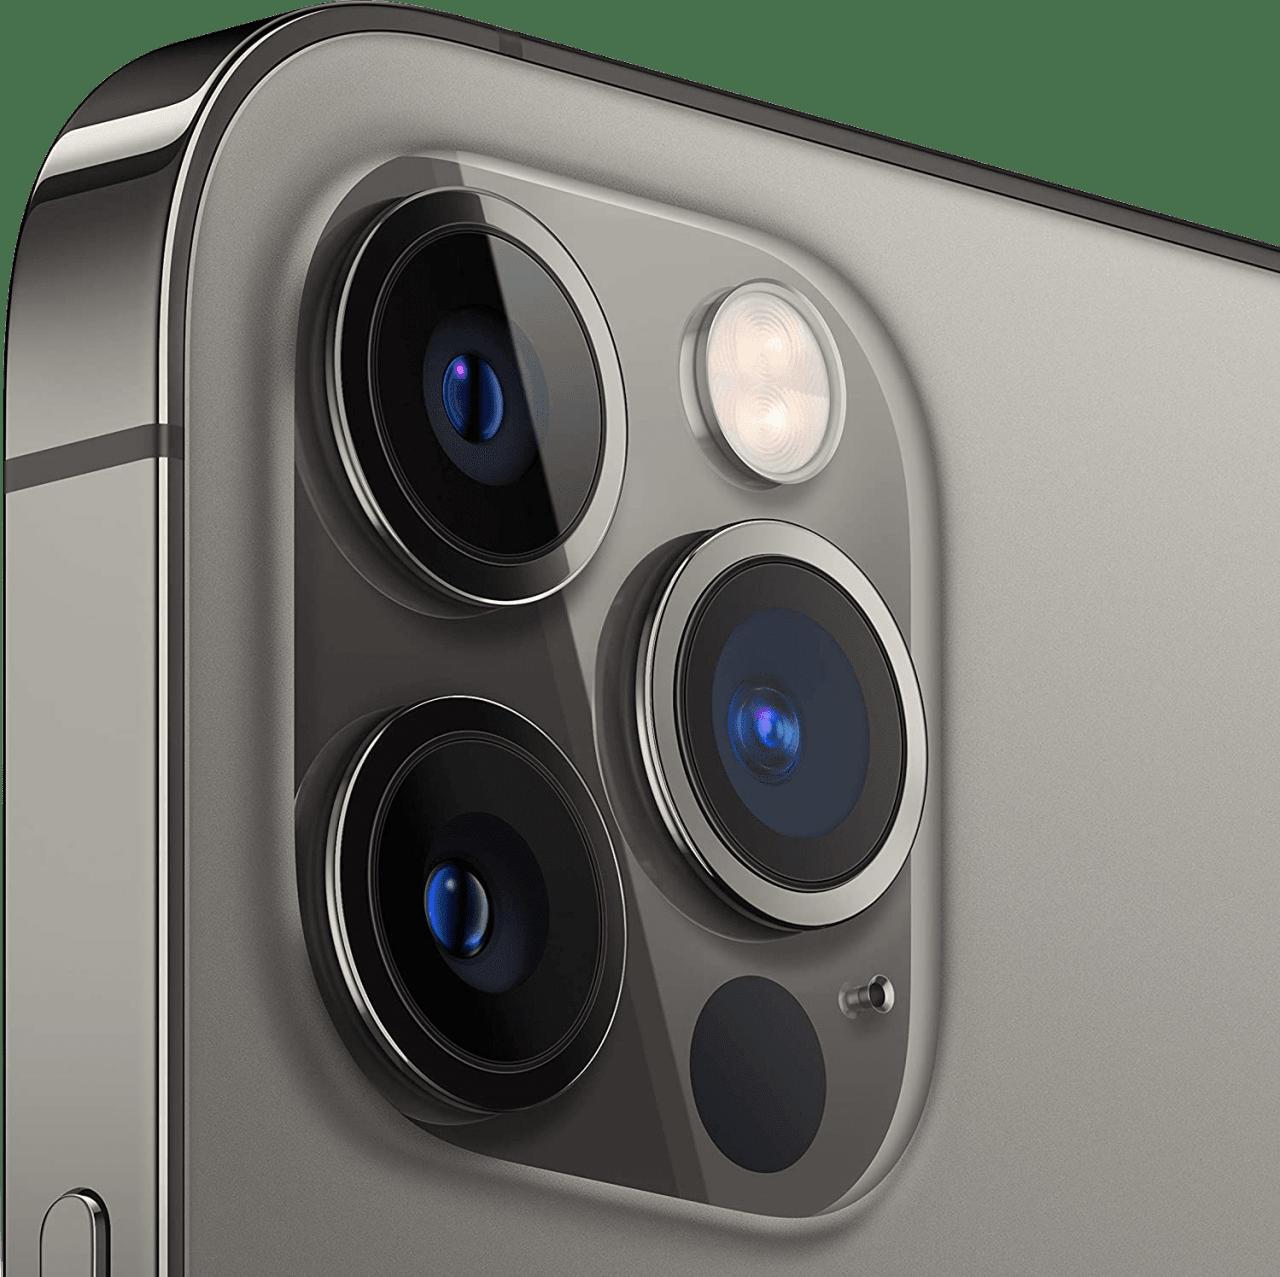 Graphite Apple iPhone 12 Pro Max - 256GB - Dual Sim.4